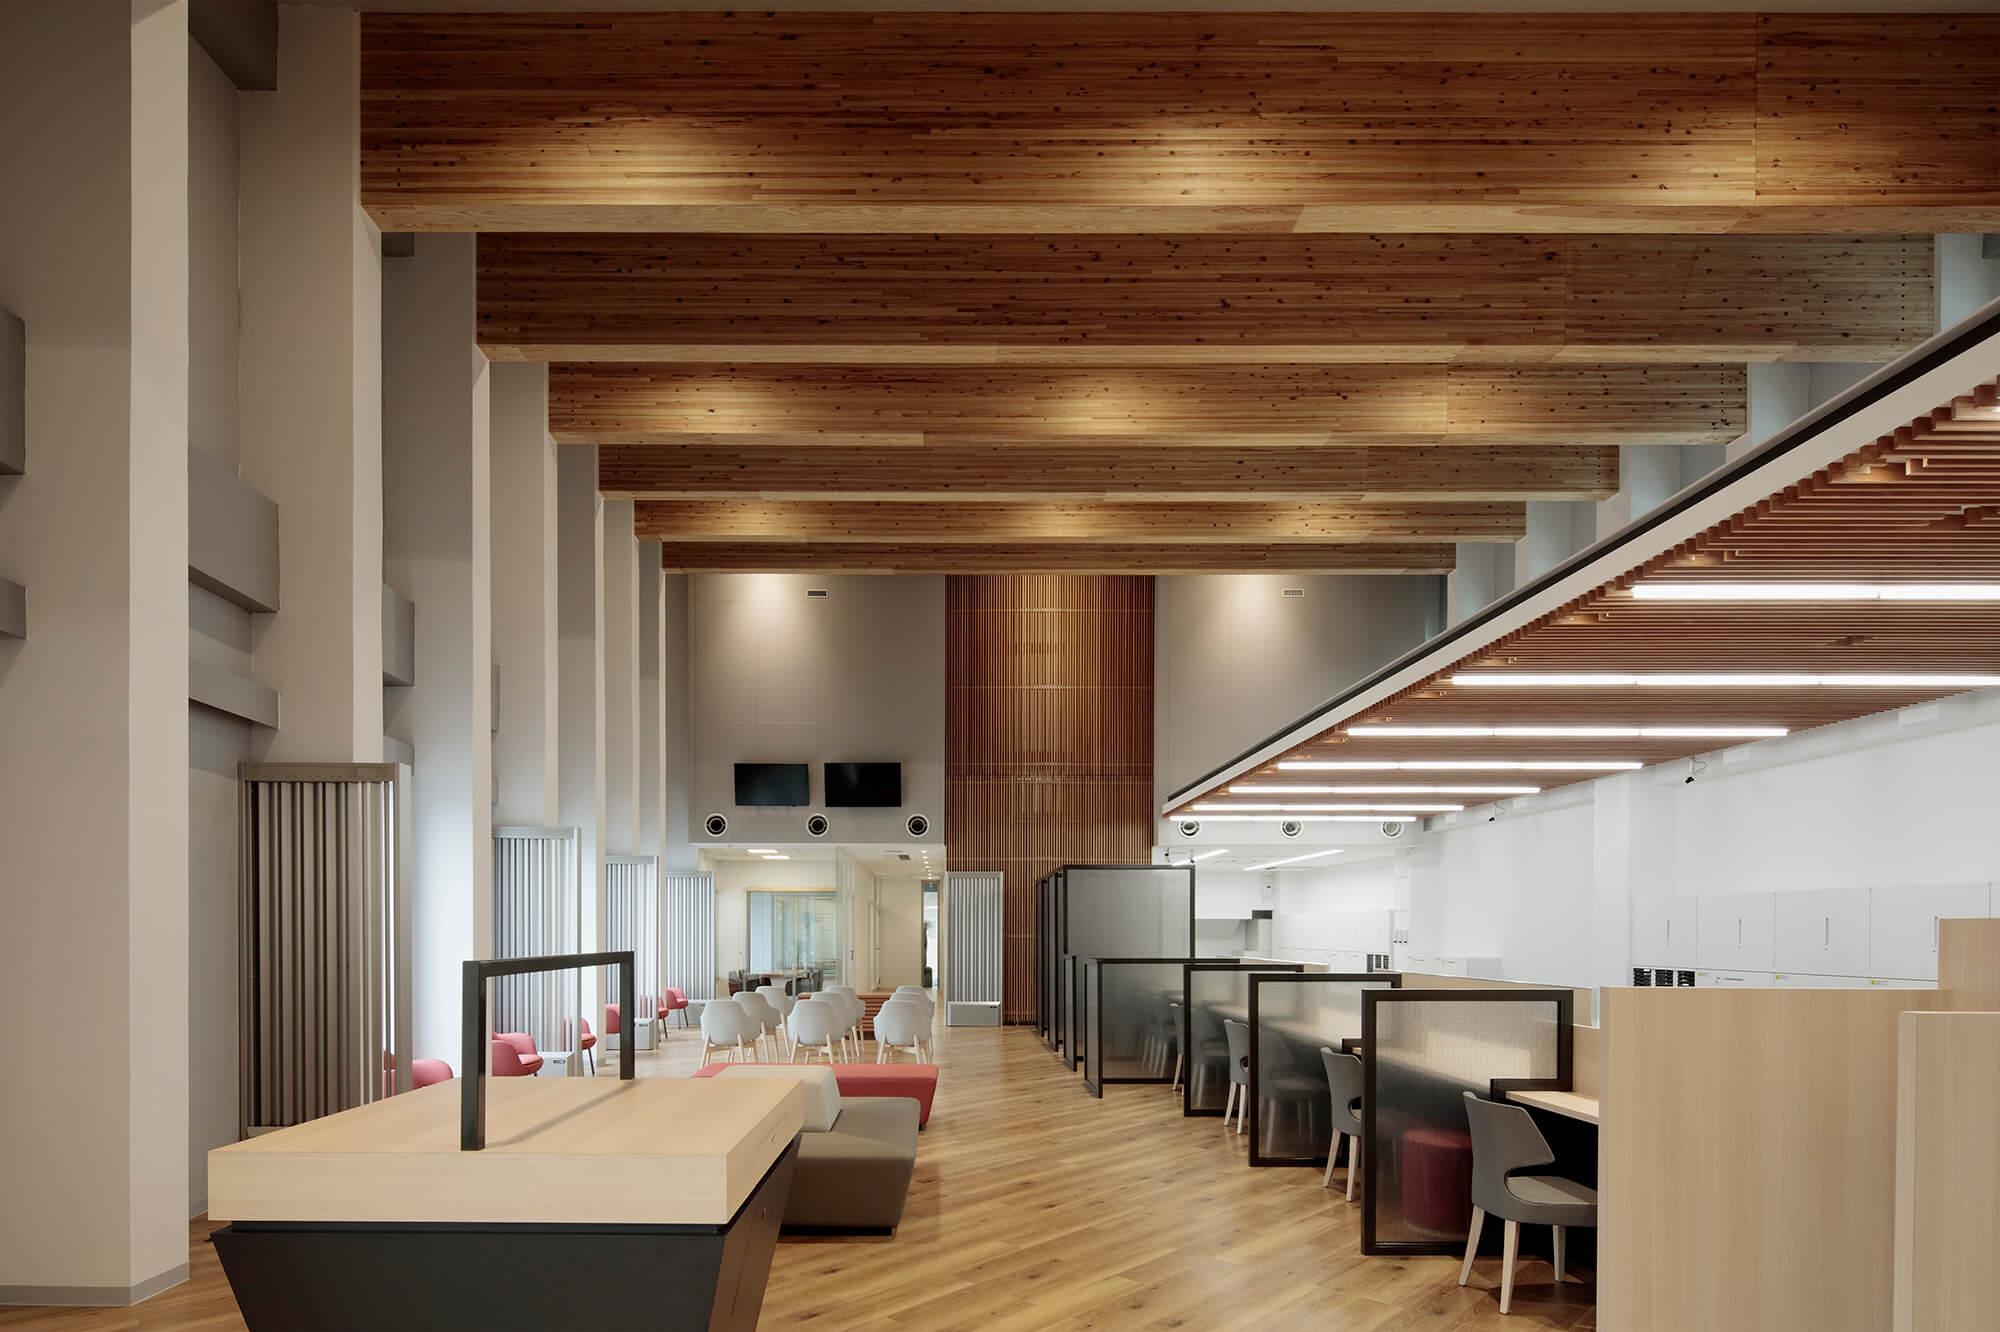 木造建築の施工事例:琉球銀行 本部支店 3枚目